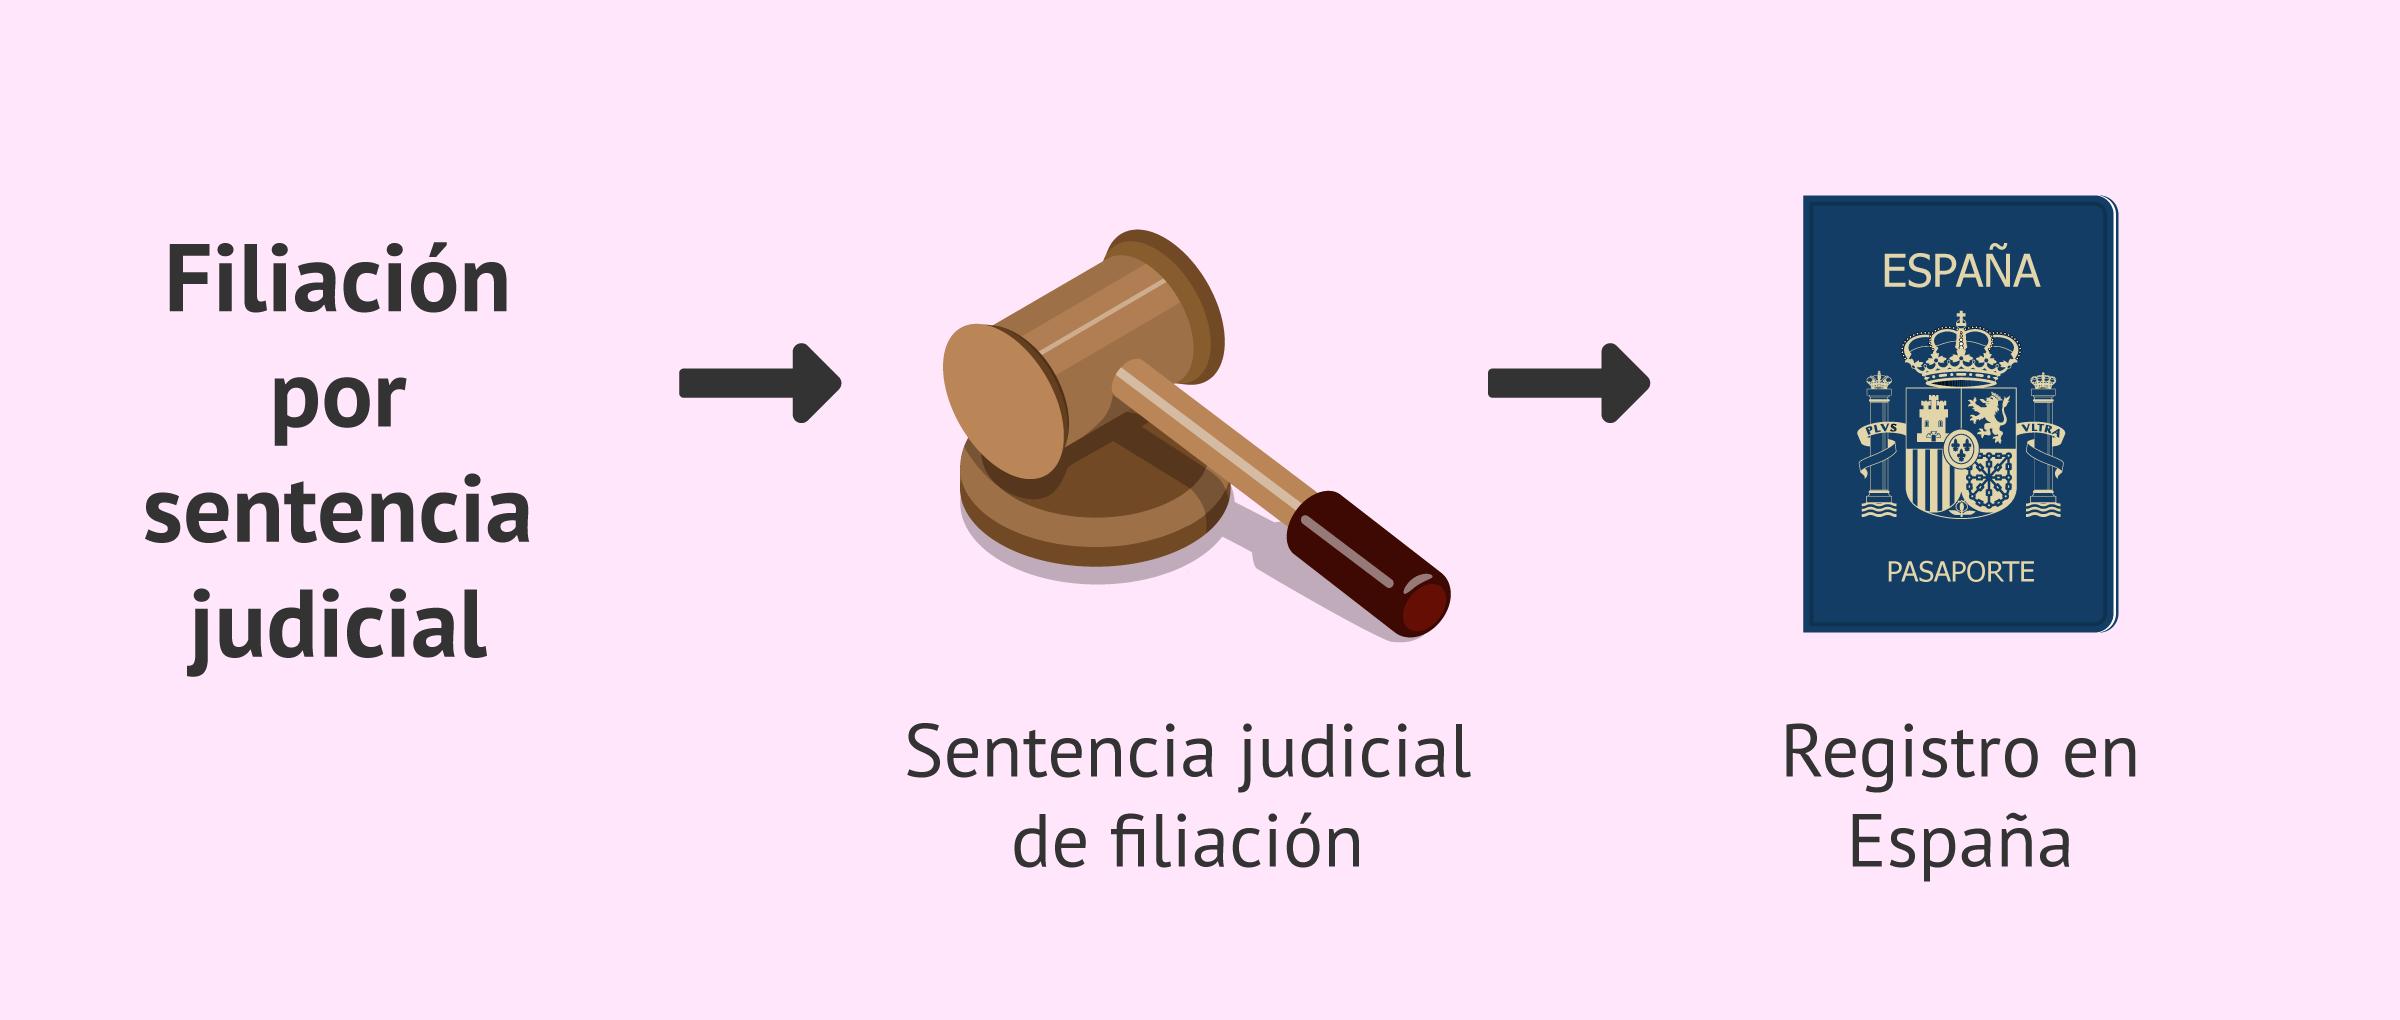 Filiación por sentencia judicial